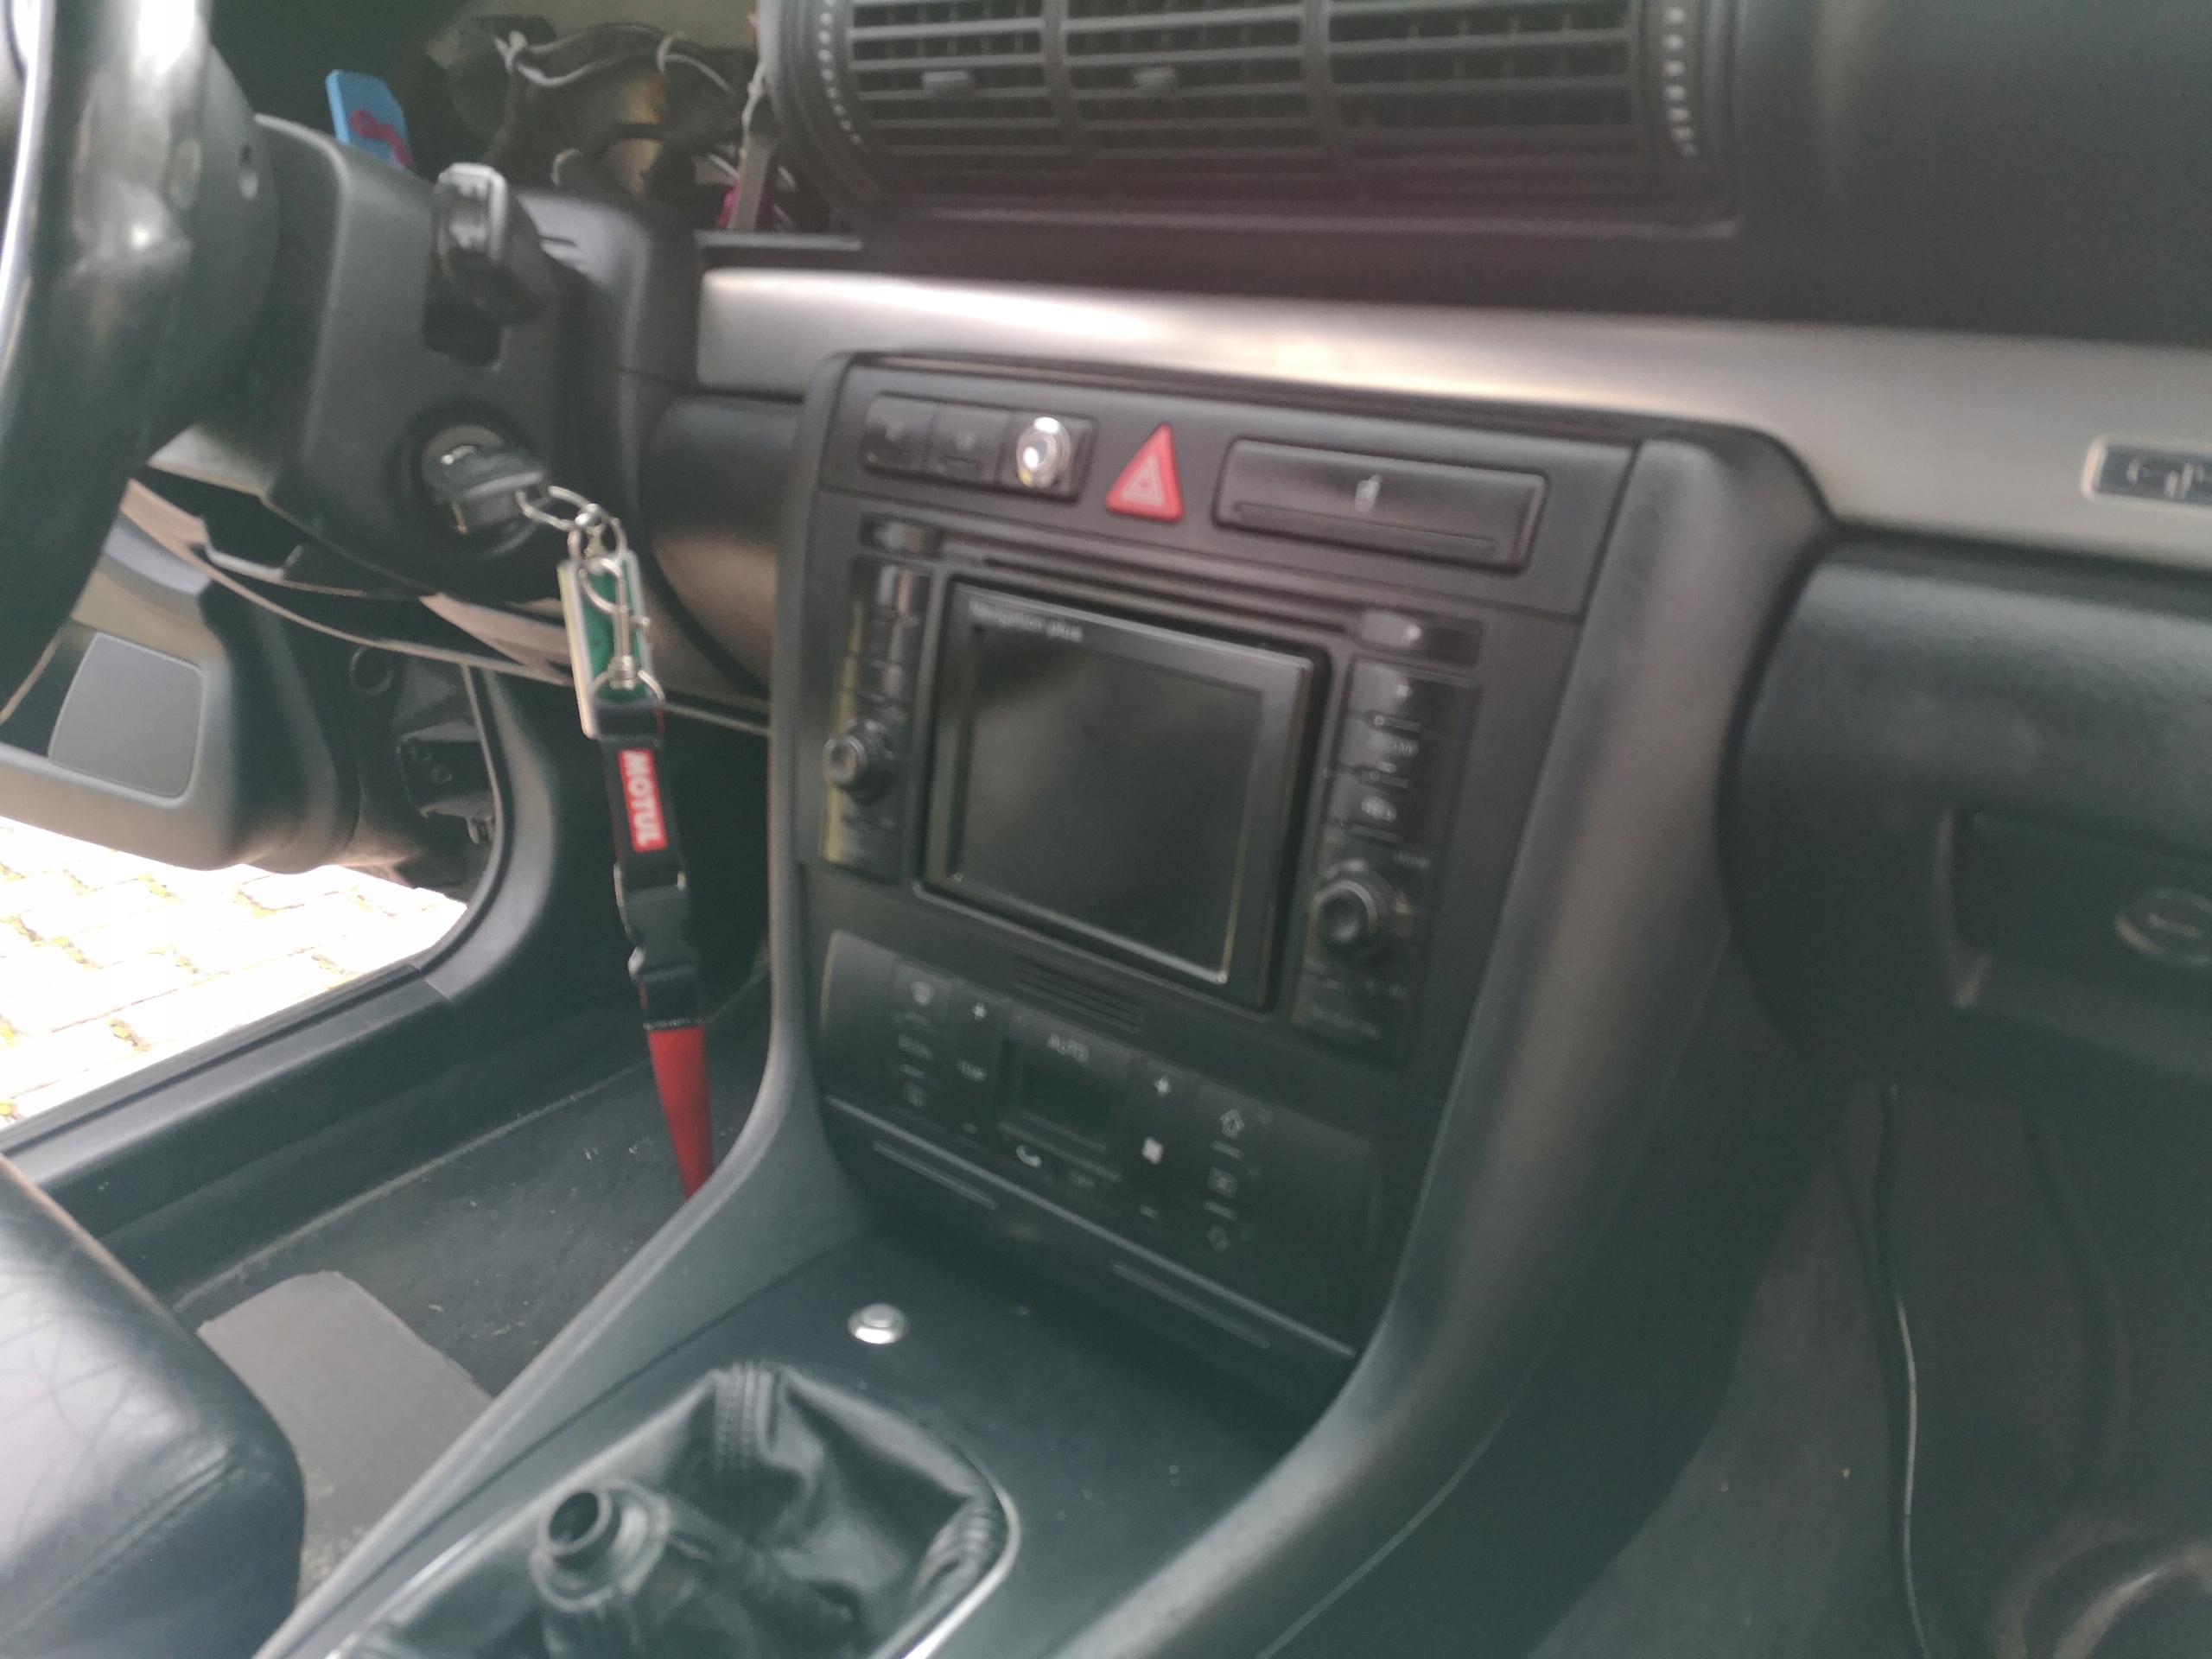 Nawigacja W Audi A4 W Oficjalnym Archiwum Allegro Strona 11